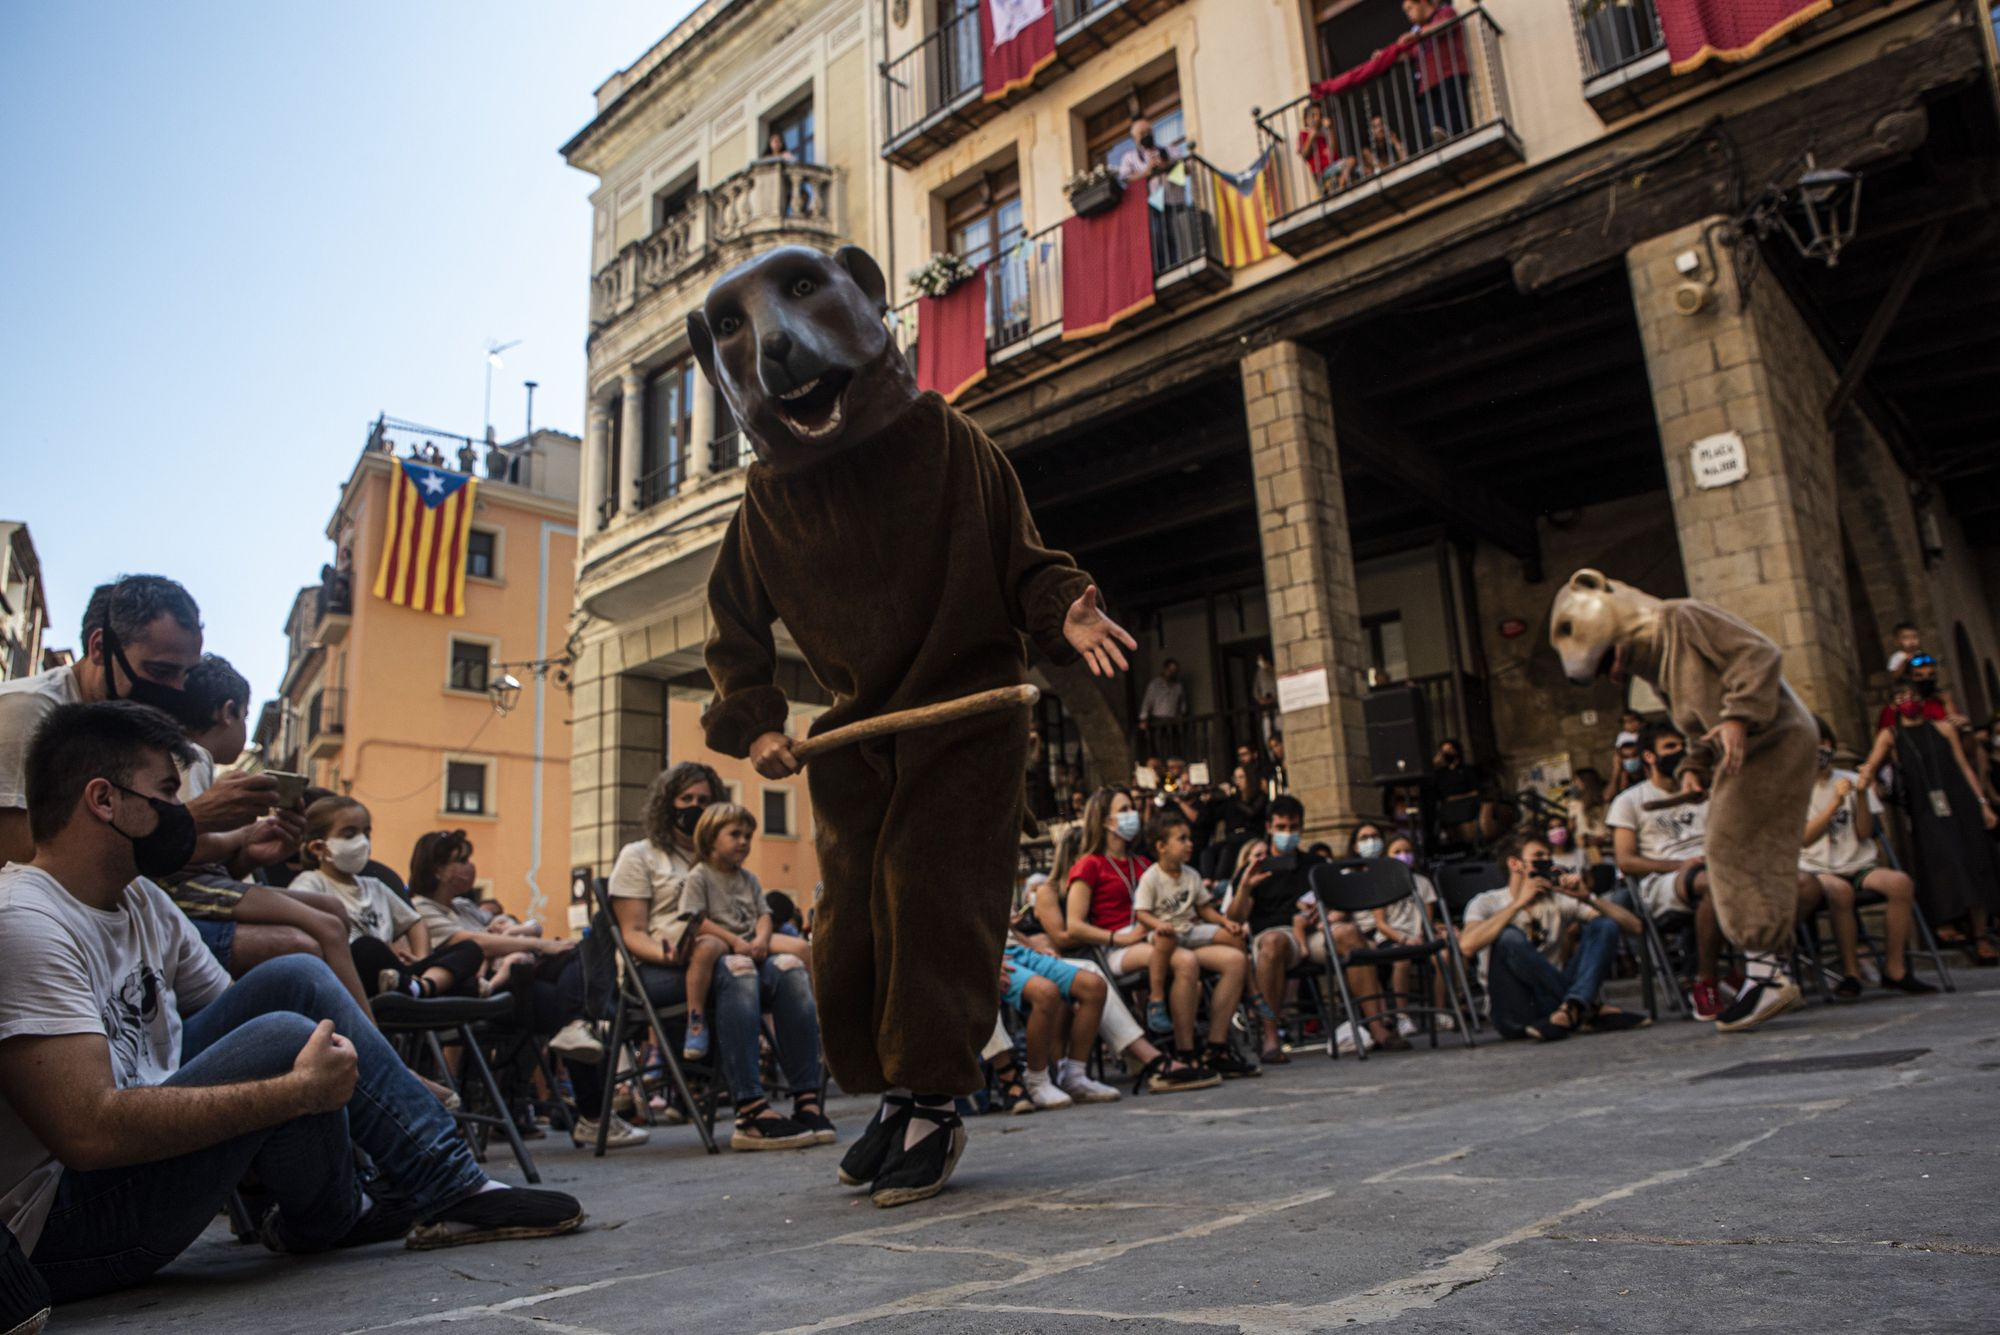 Els ballets tornen per la Festa Major de Solsona